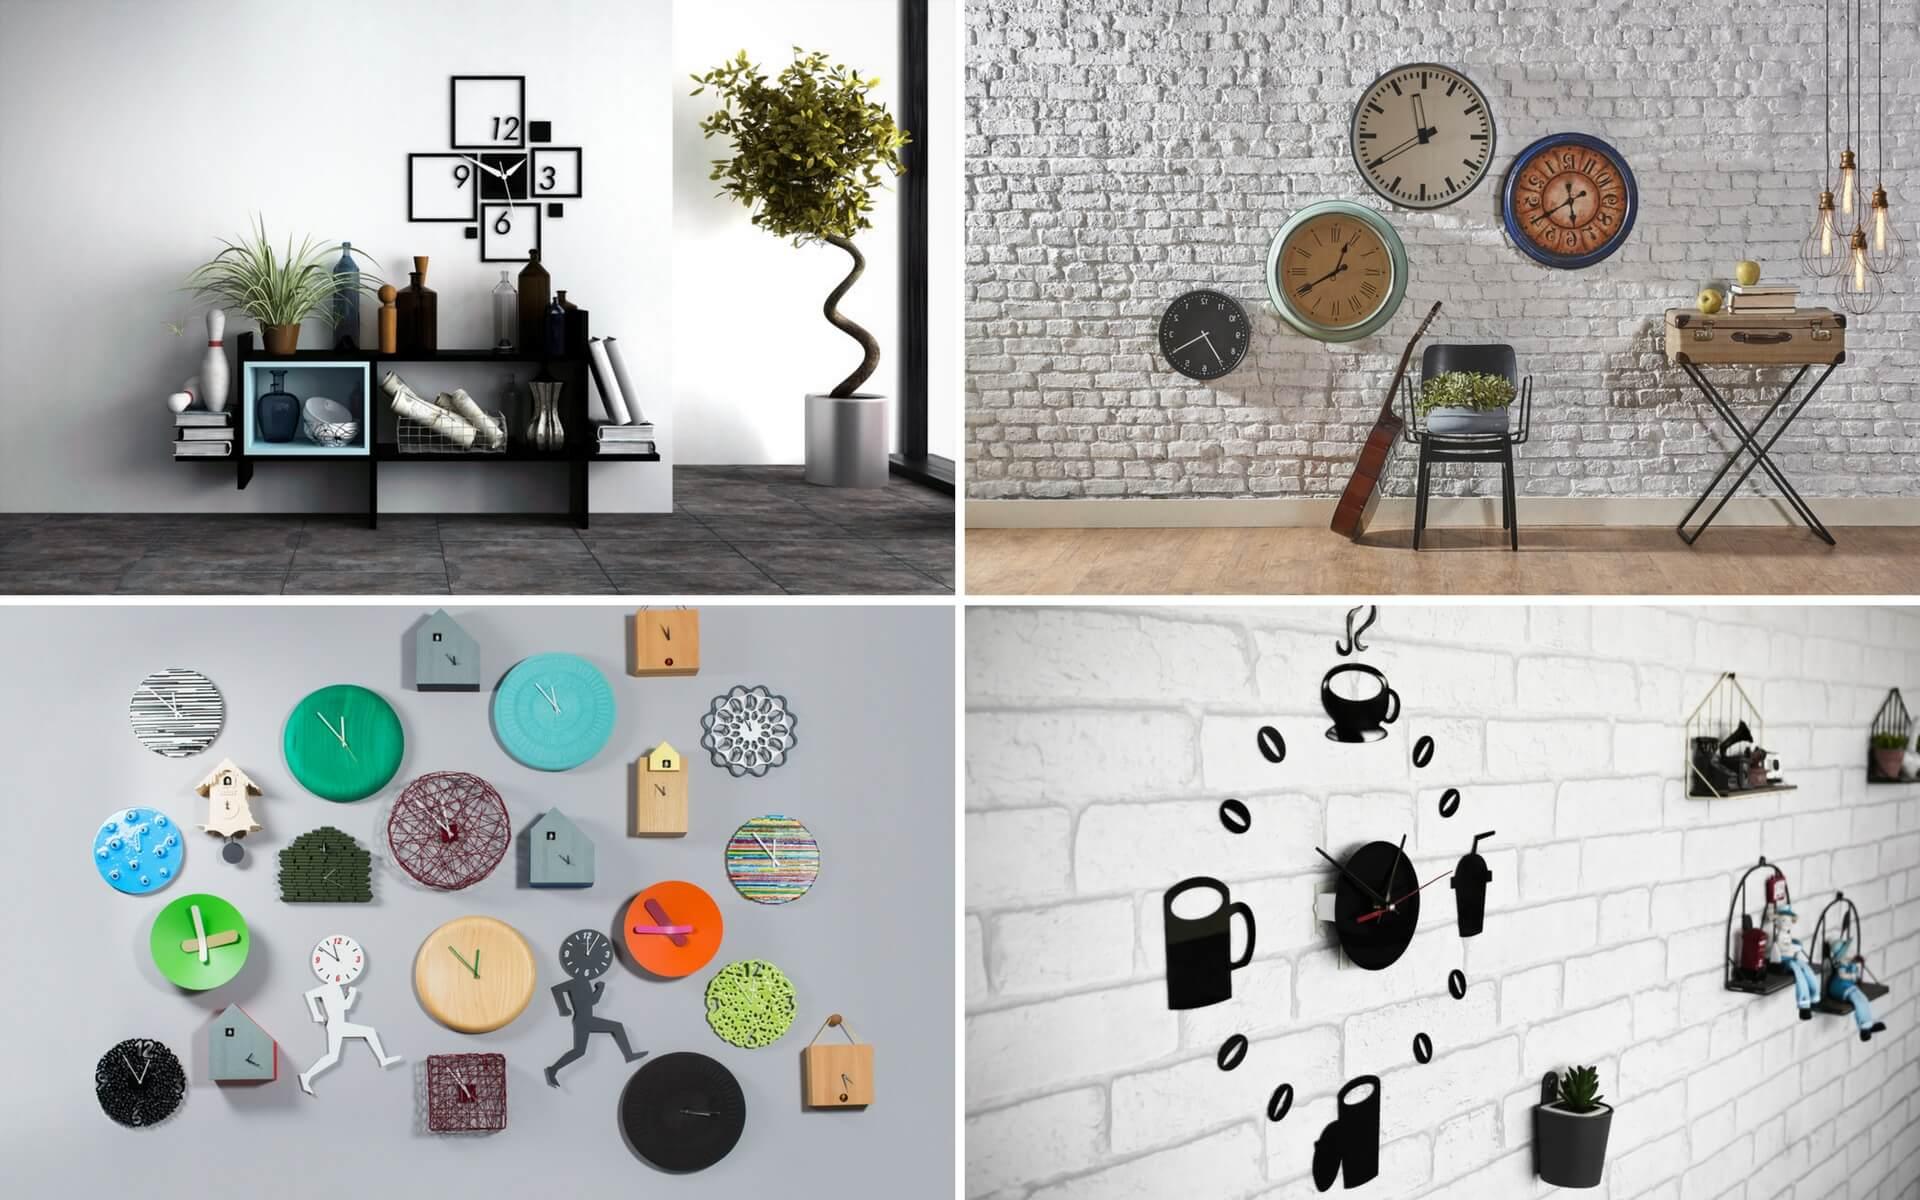 Diversi modi per usare gli orologi come decorazione da parete